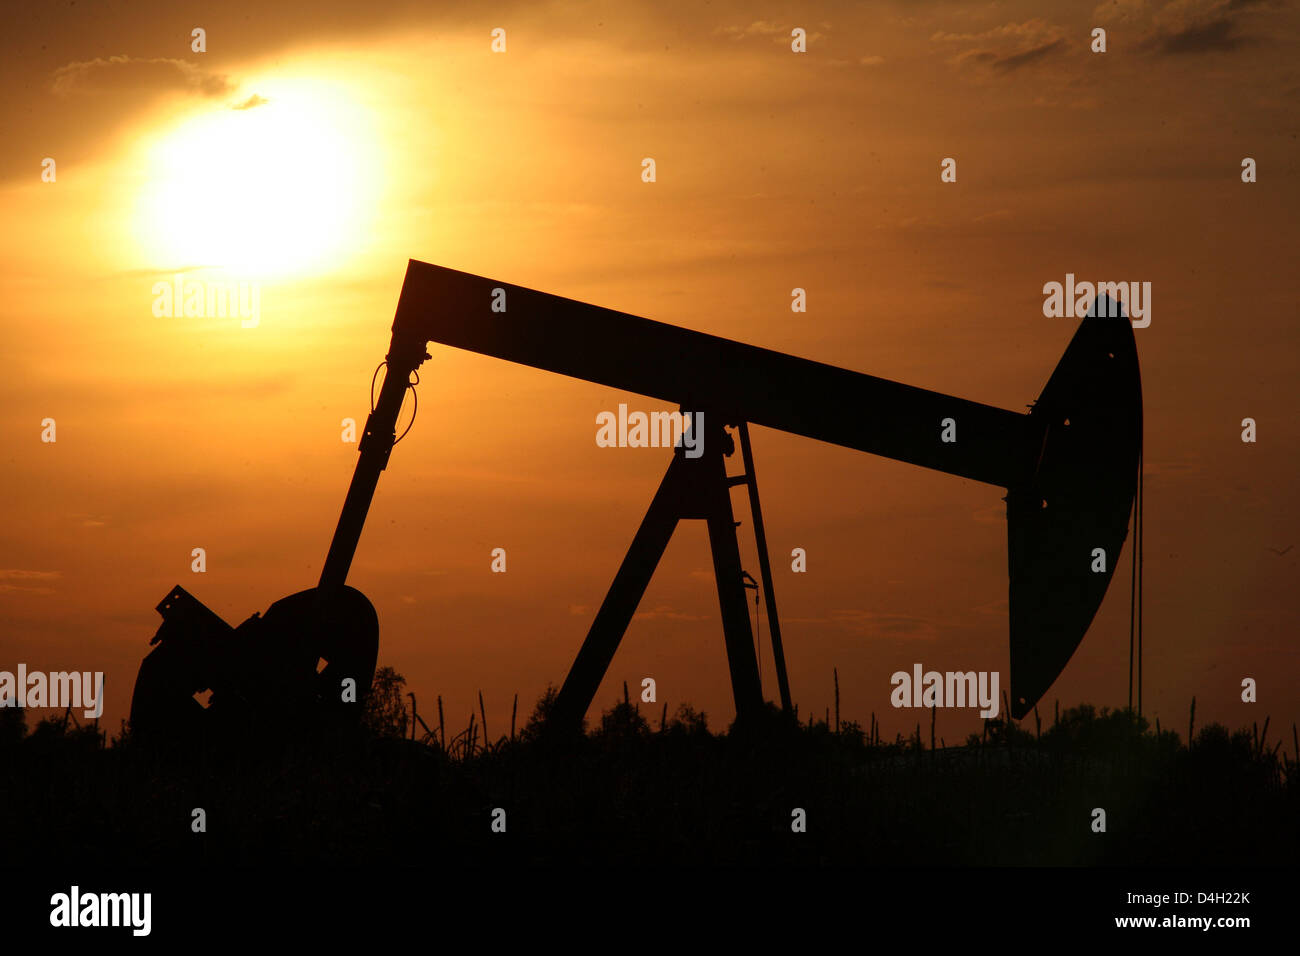 """Il sole tramonta dietro un pumpjack-tipo pompa olio vicino a Emlichheim, nella contea di Bentheim, Germania, 28 luglio 2008. Da 60 anni Kassel basata su provider di energia """"Wintershall' è stata la produzione di olio nella regione di confine con i Paesi Bassi. 150.000 tonnellate di petrolio sono convogliati all'anno. Foto: Uwe Zucchi Foto Stock"""